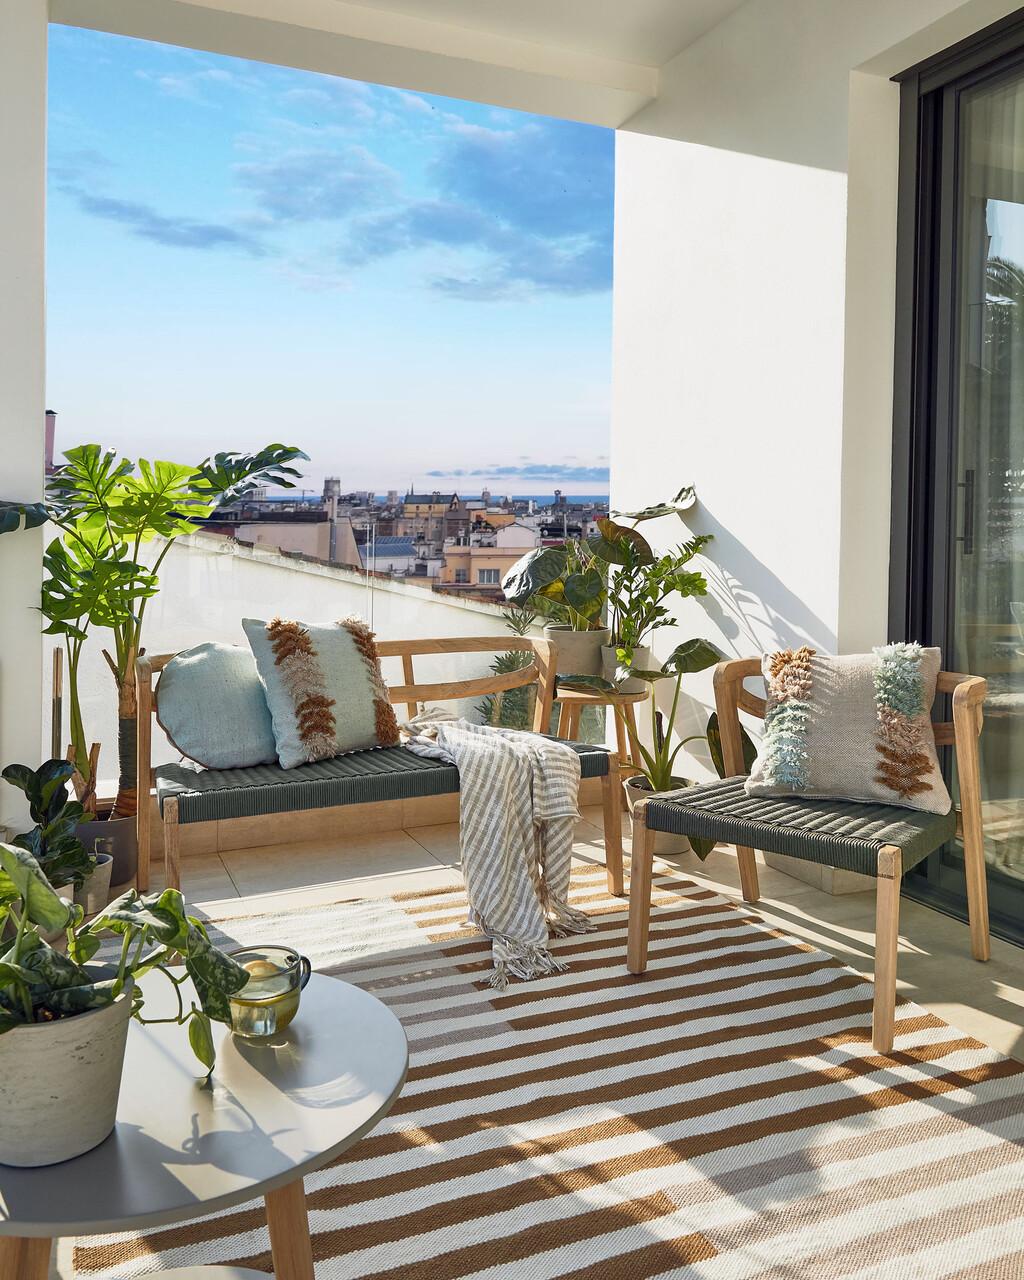 Kave Home y presenta sus nuevas colecciones para disfrutar al máximo de las terrazas, terrazas y balcones este verano